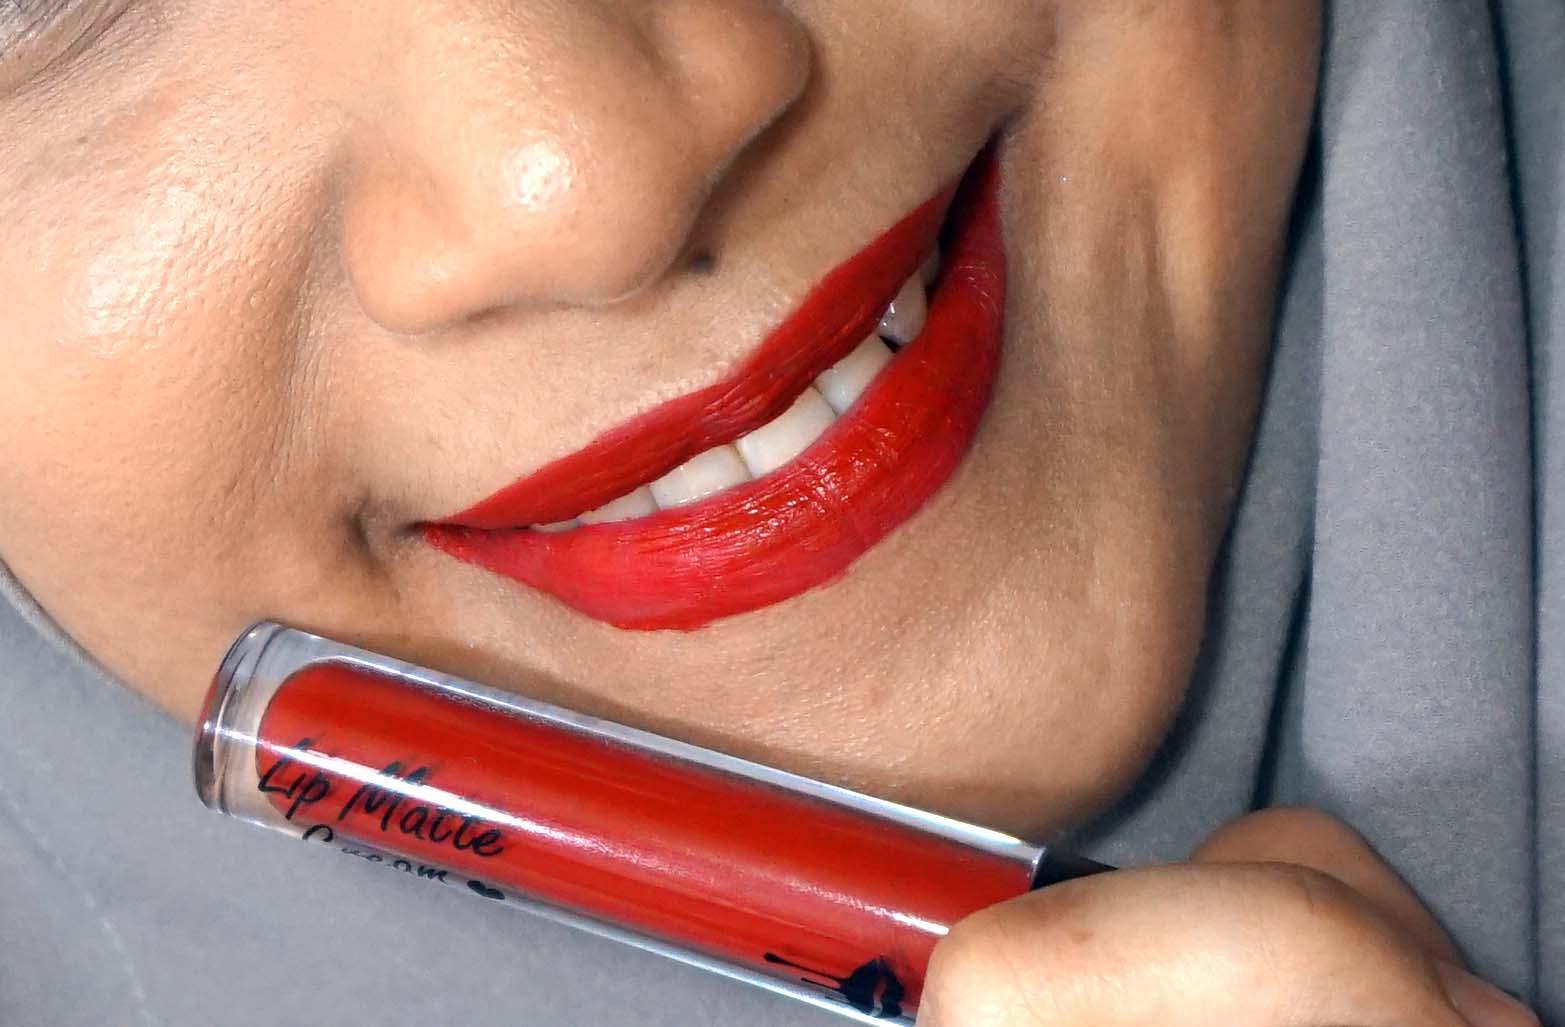 ODESSA MATTE LIP CREAM REVIEW